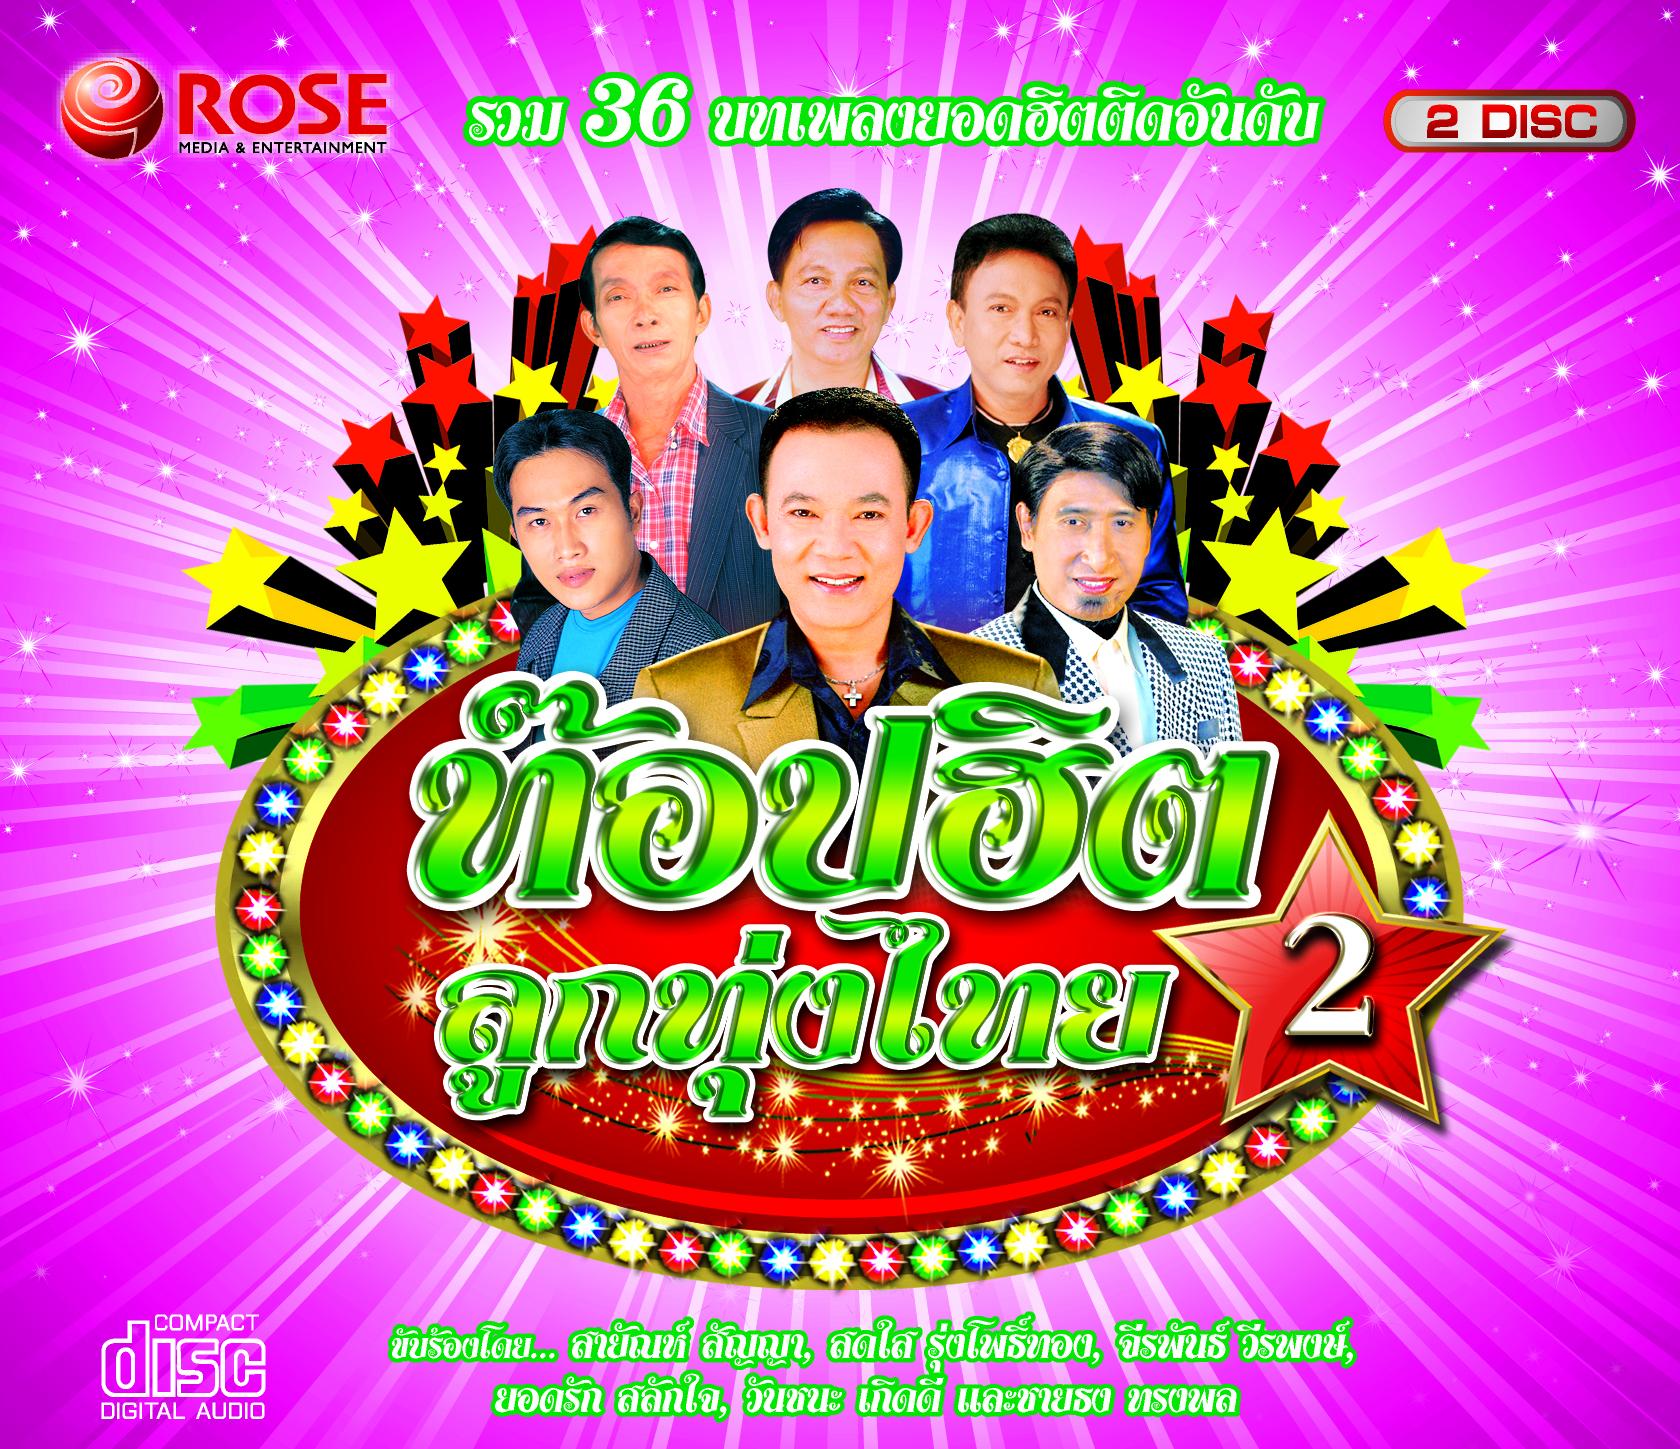 36 เพลง ท๊อปฮิตลูกทุ่งไทย 2 (สายัณห์ สดใส วันชนะ ยอดรัก ชายธง จีรพันธ์)